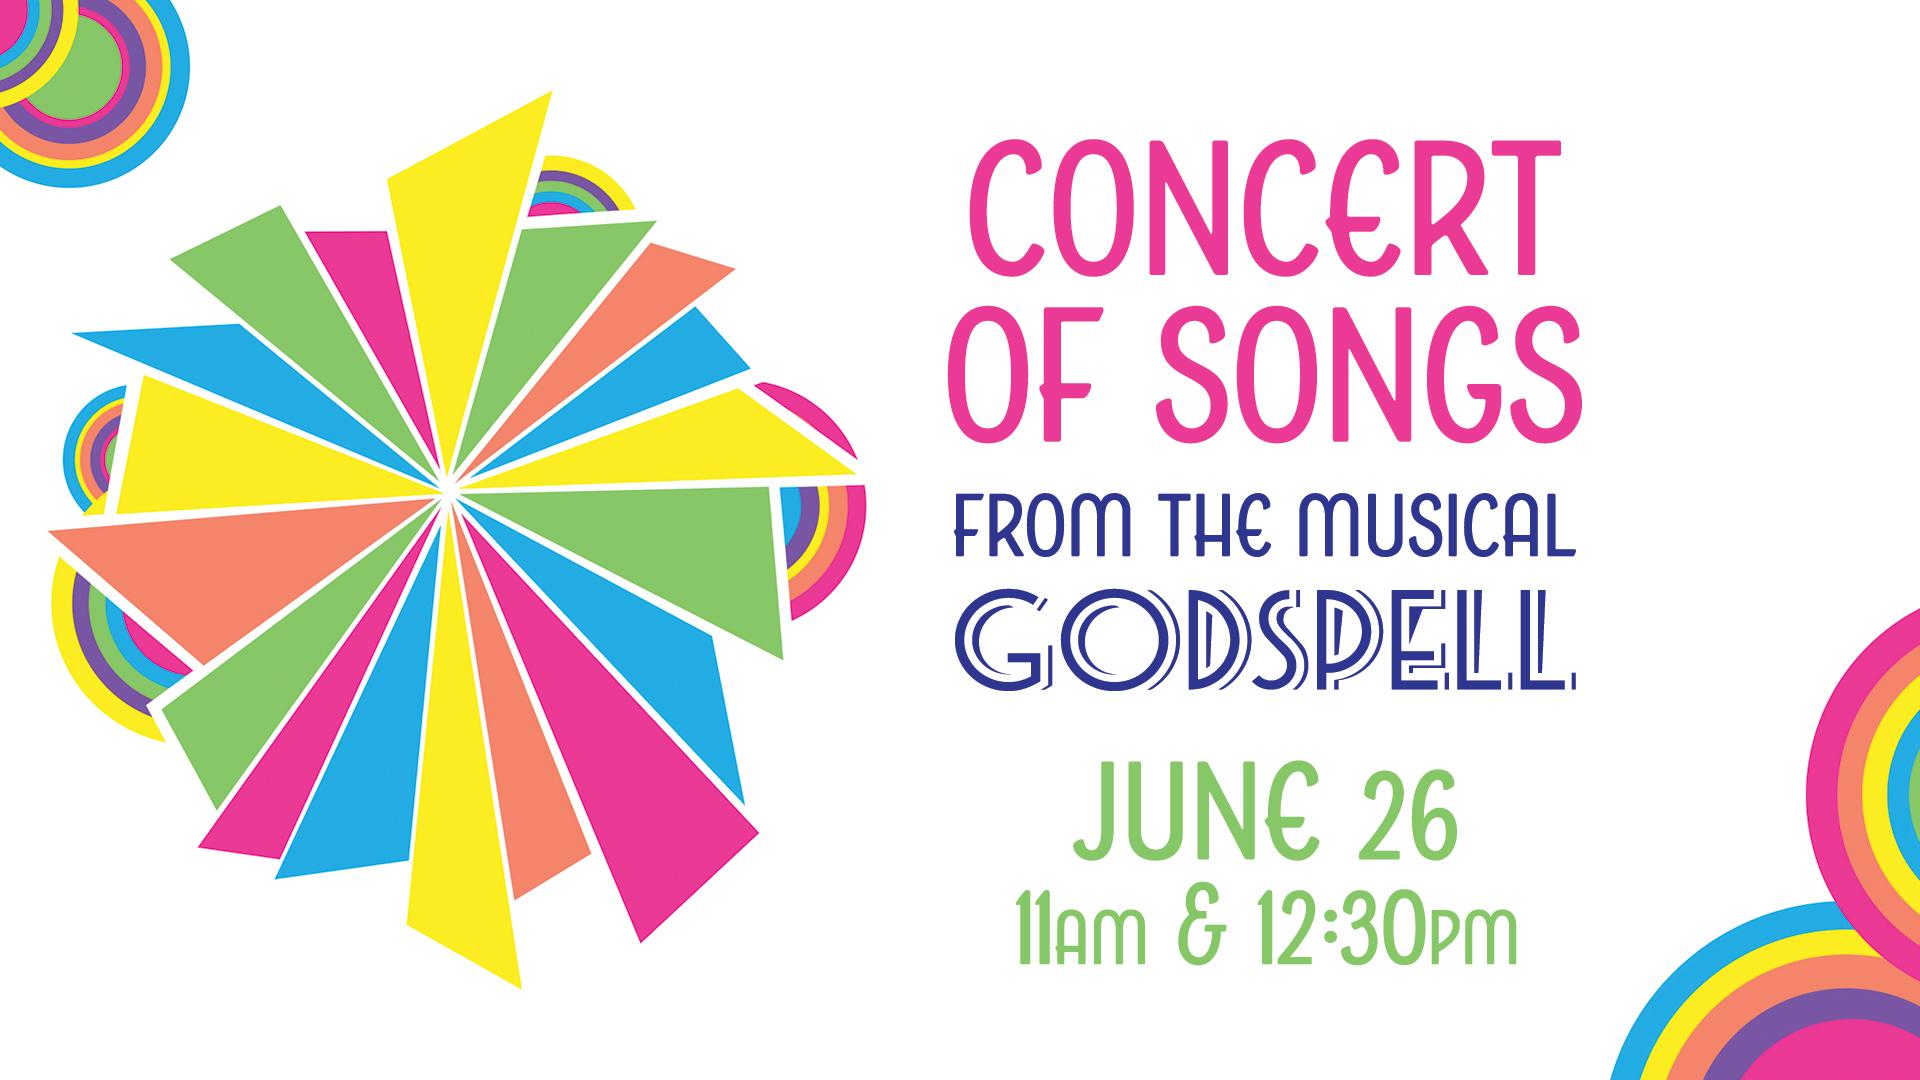 +Godspell web banner